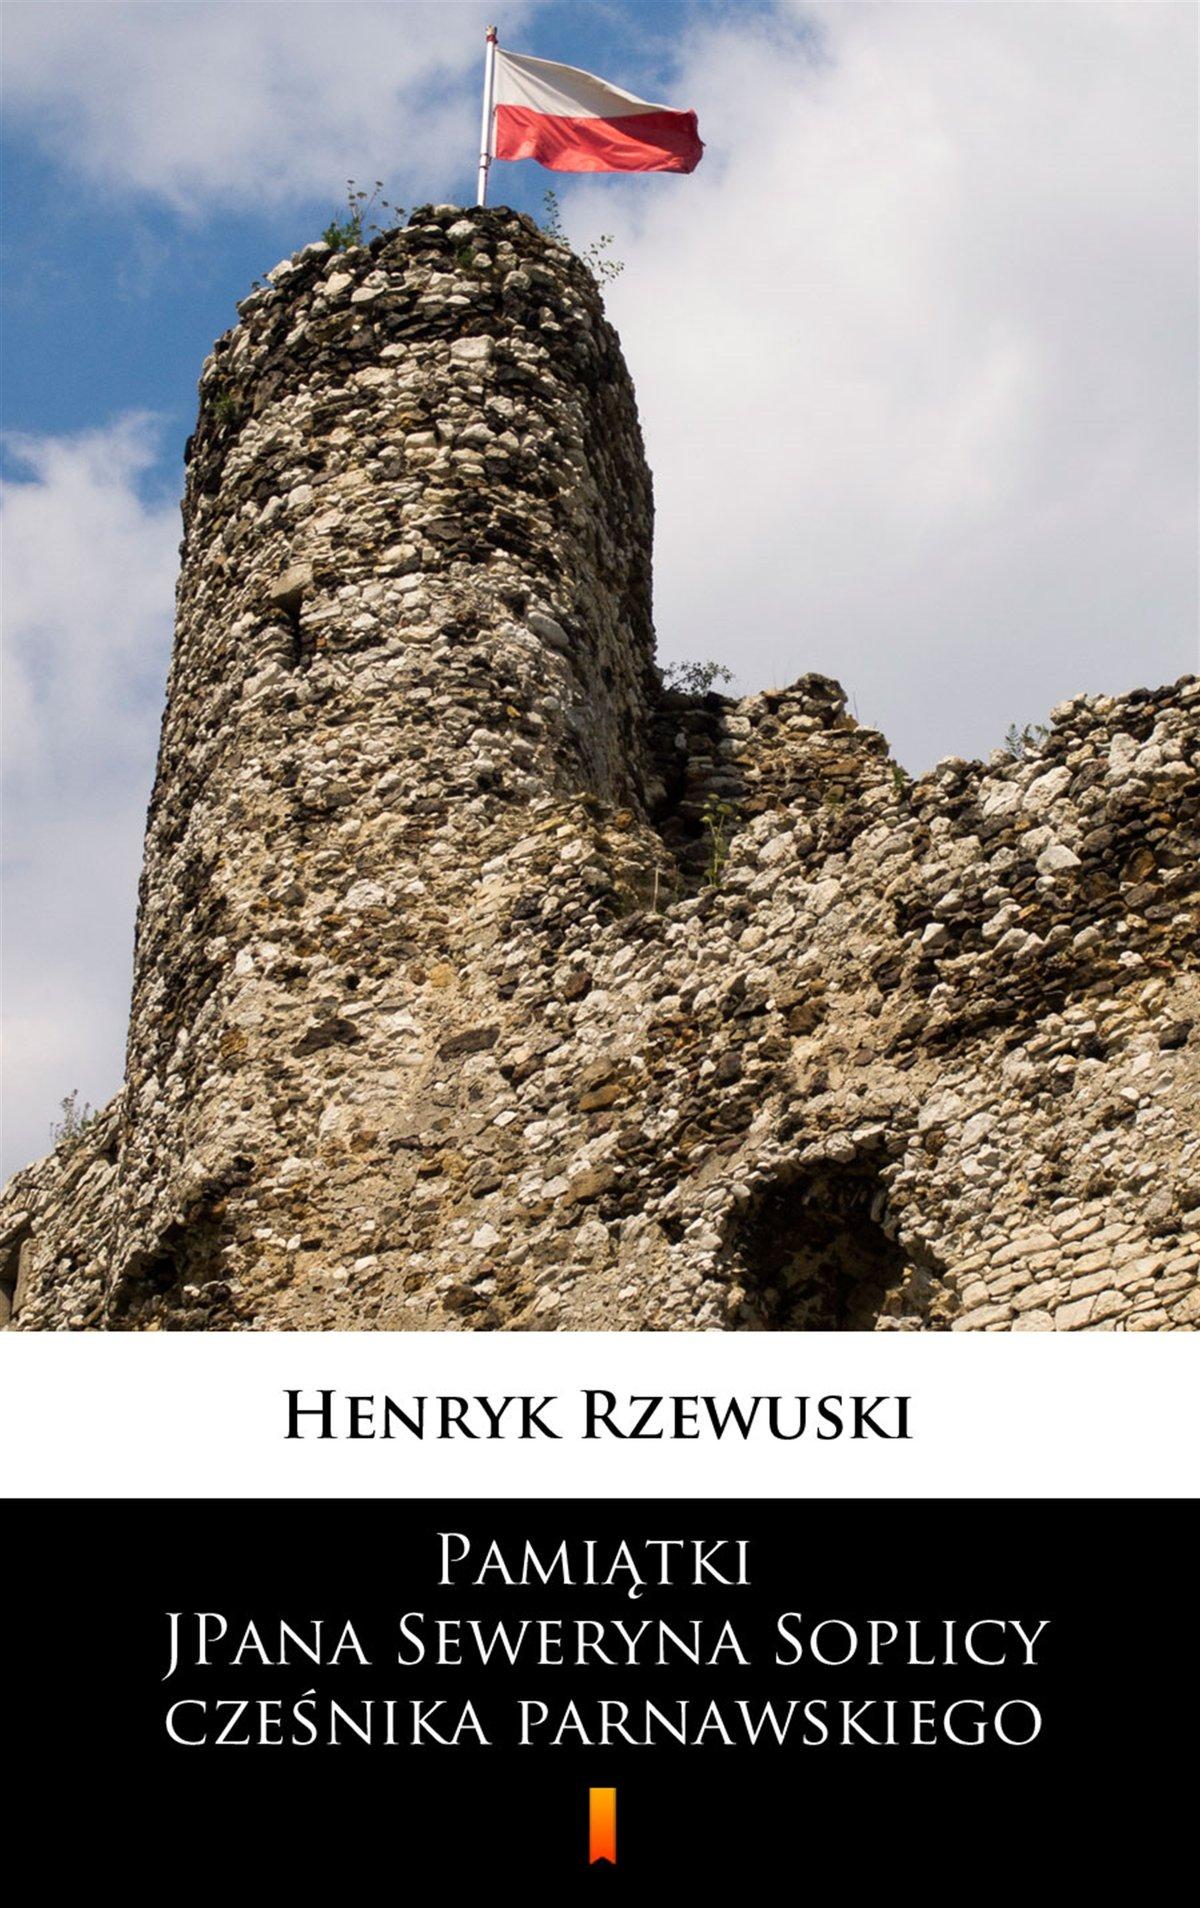 Pamiątki JPana Seweryna Soplicy cześnika parnawskiego - Ebook (Książka EPUB) do pobrania w formacie EPUB